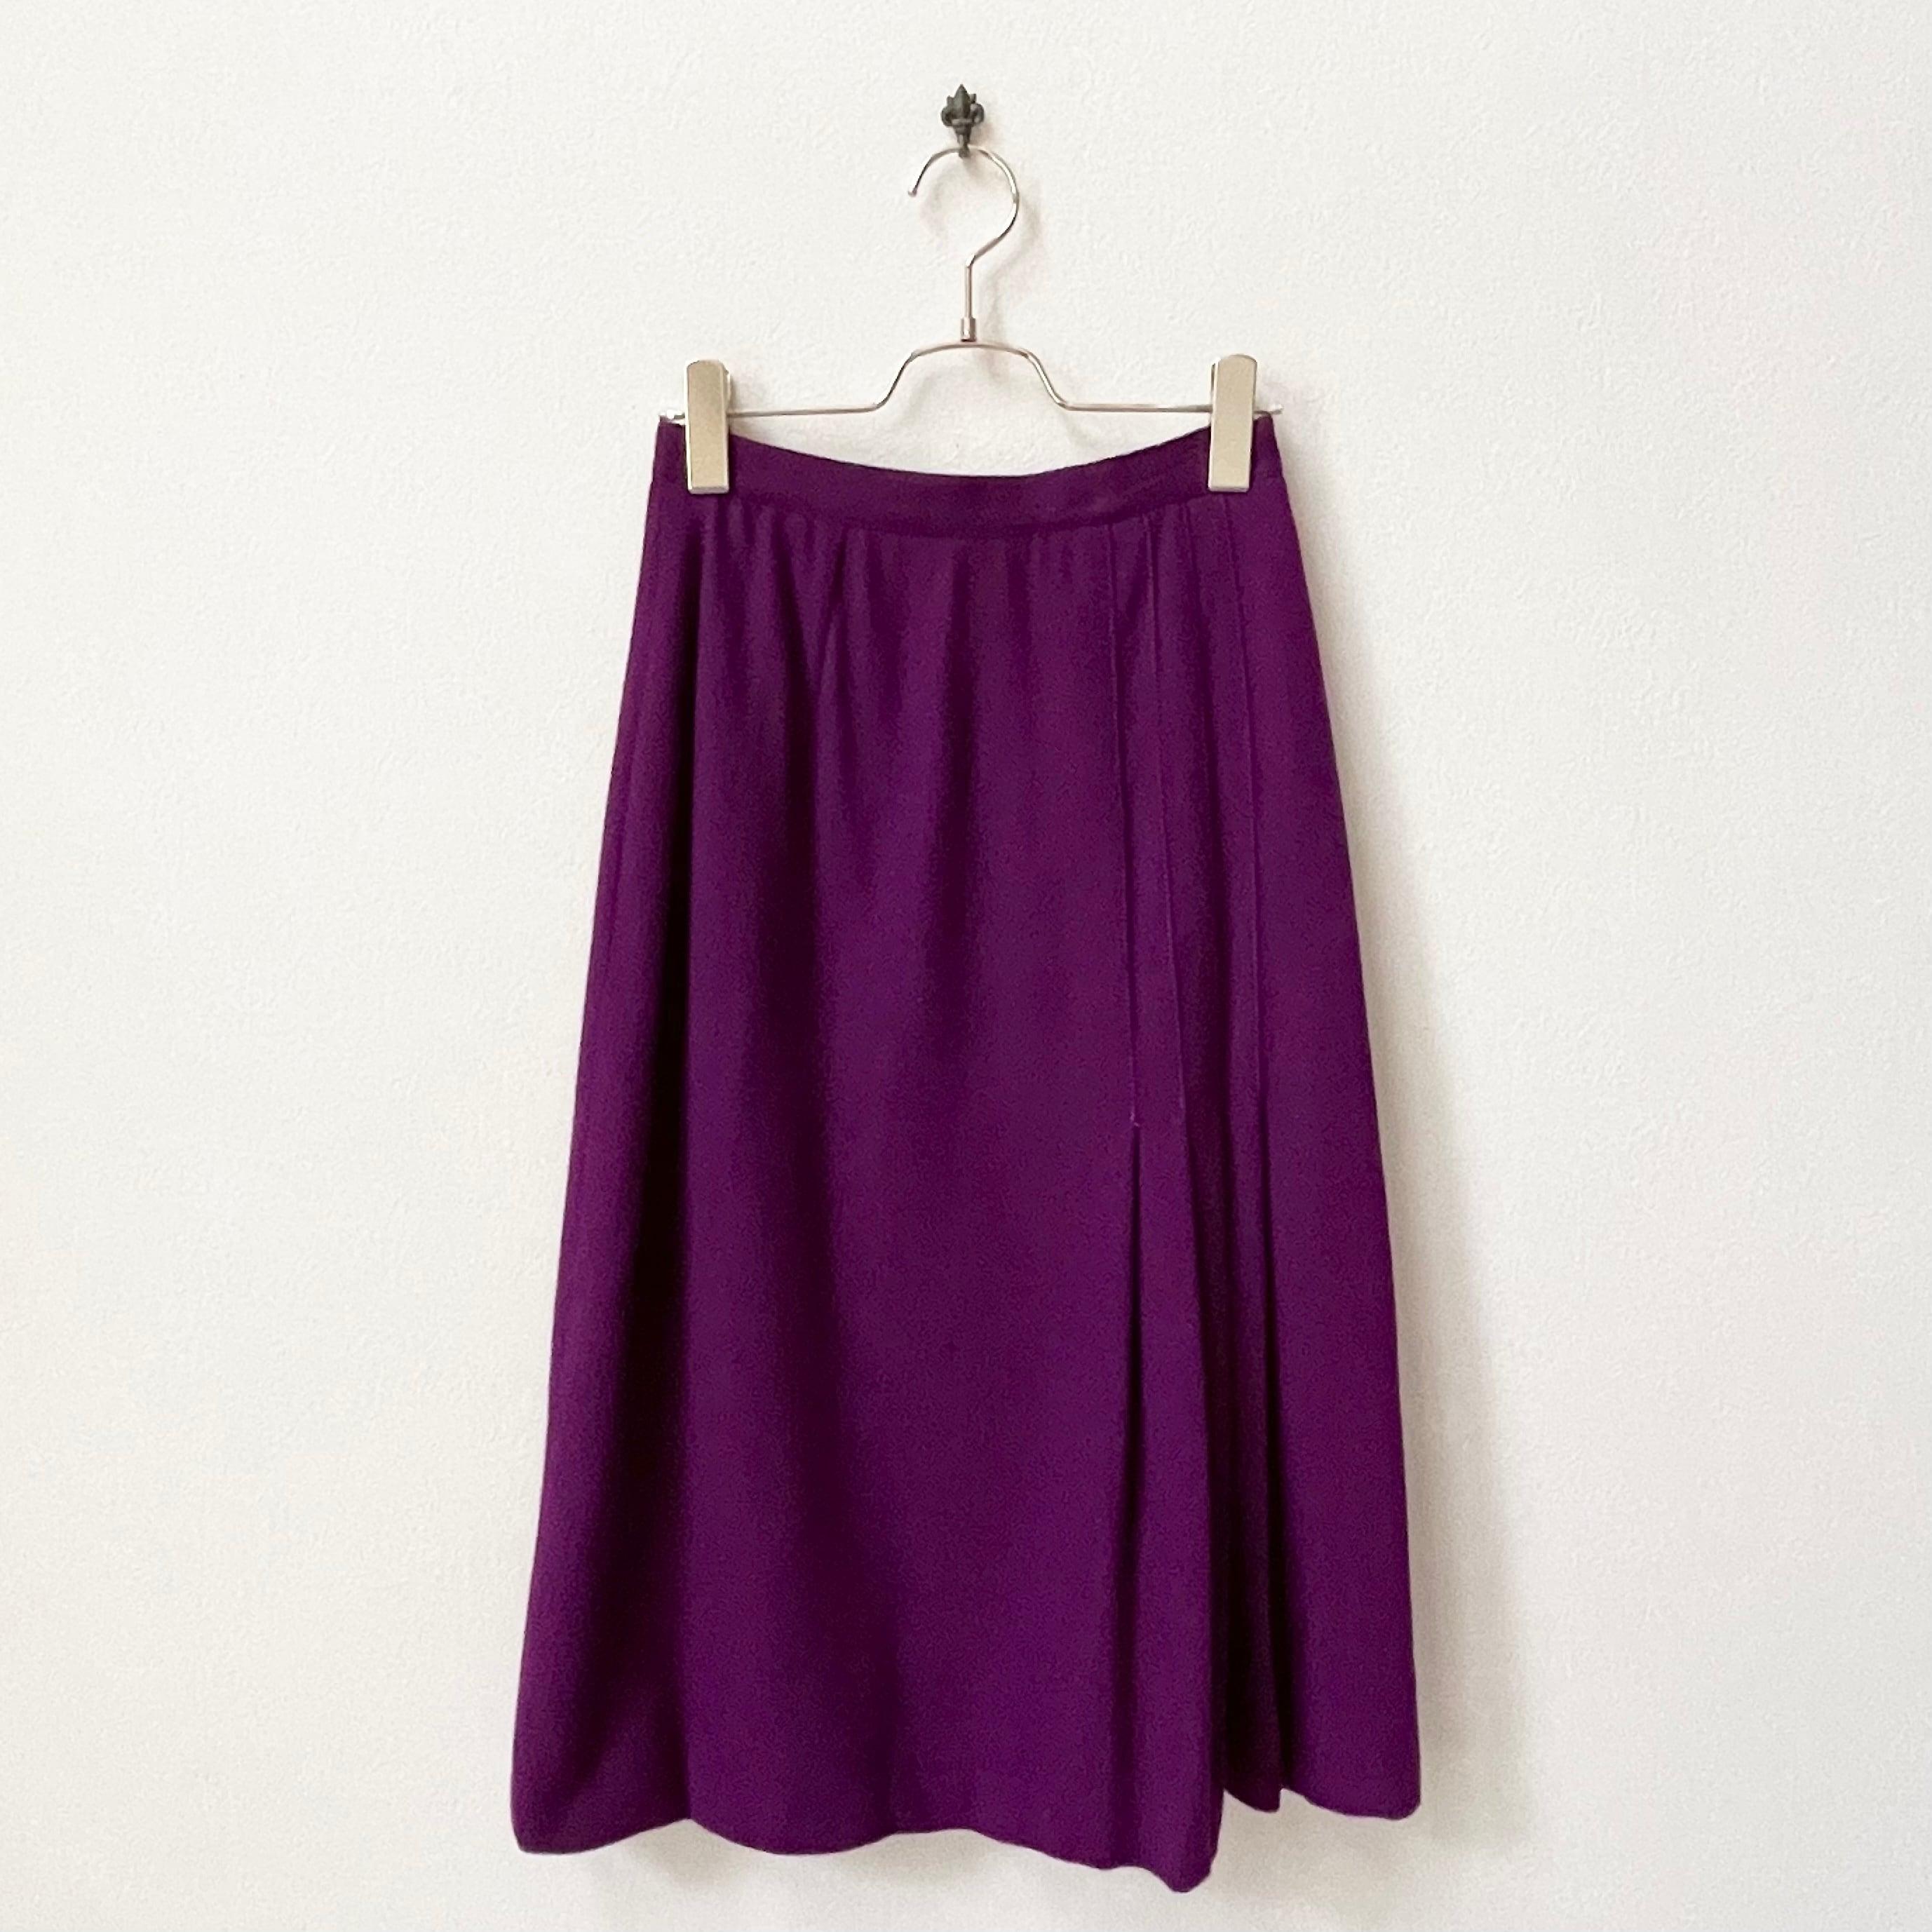 80年代 USA製 裾プリーツ ウール フレアスカート 古着 日本M